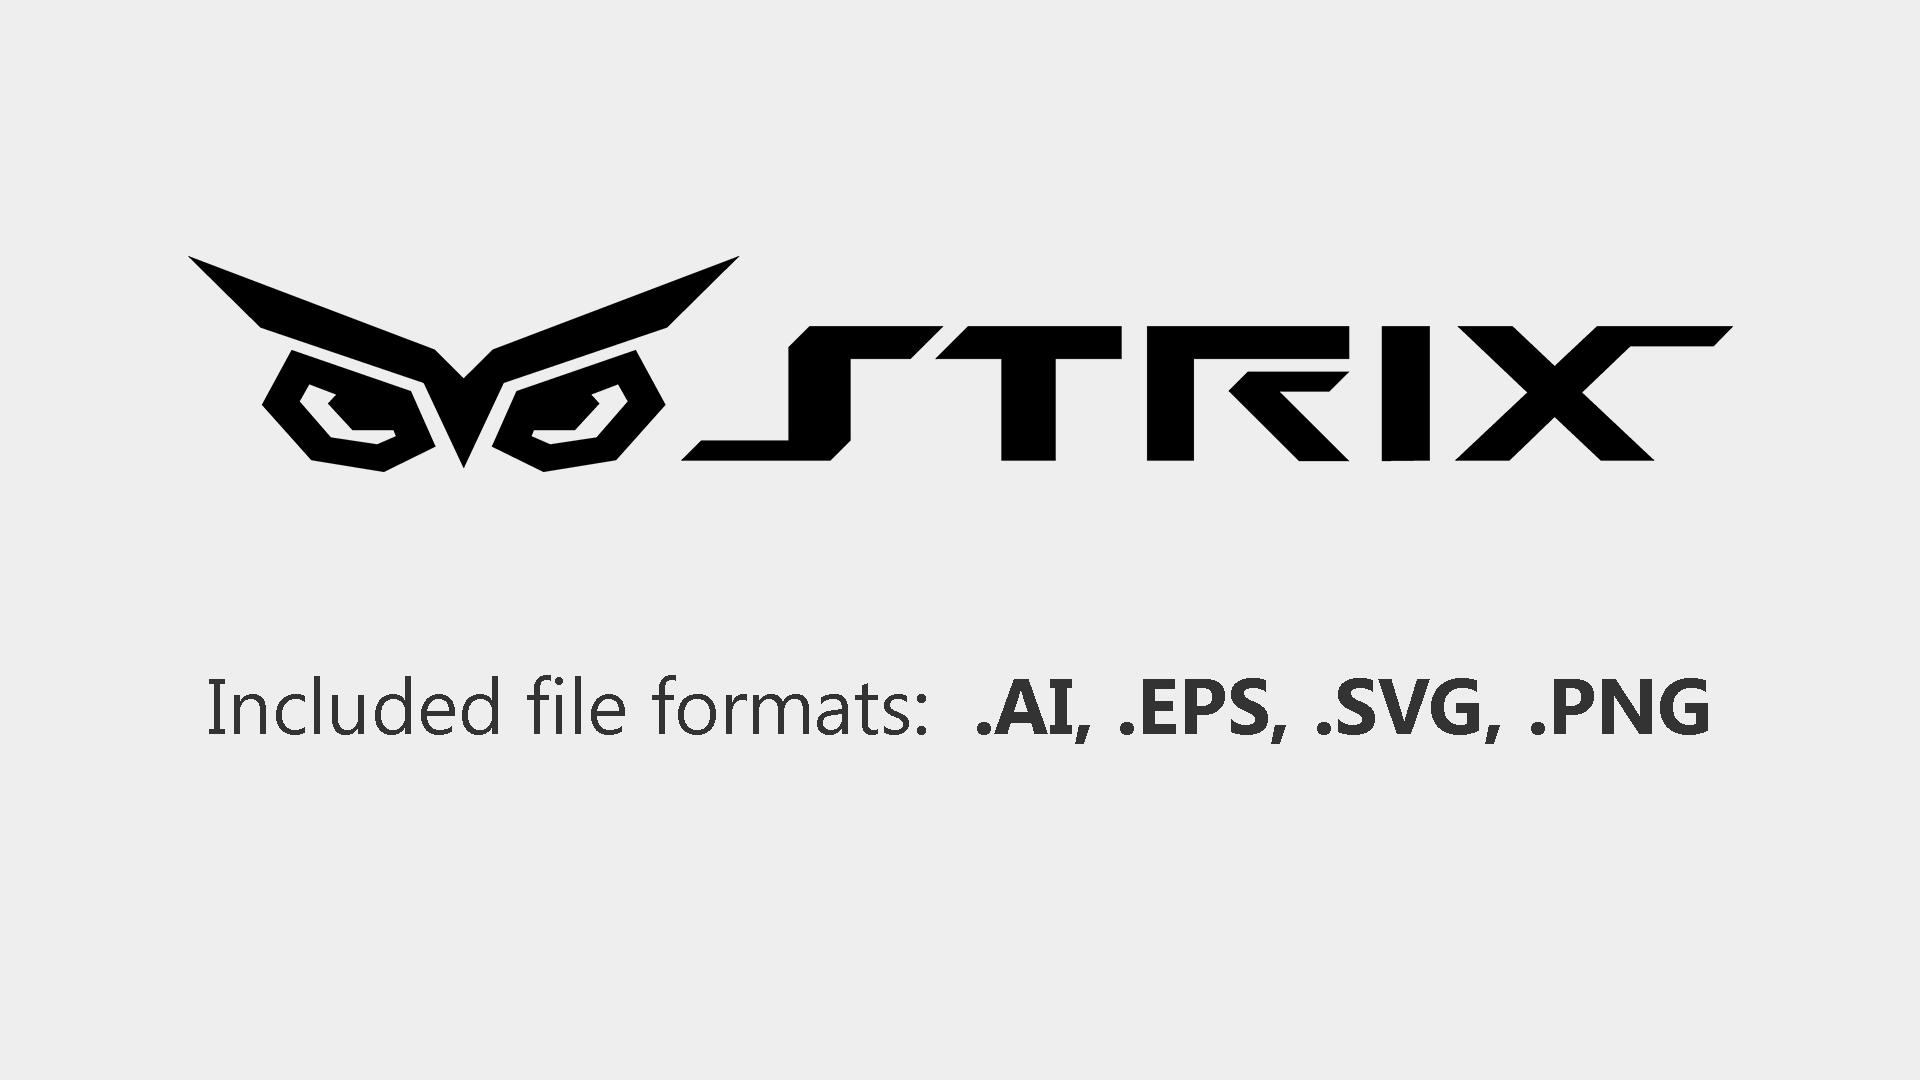 ASUS STRIX logo vector by RenegadeAI 1920x1080